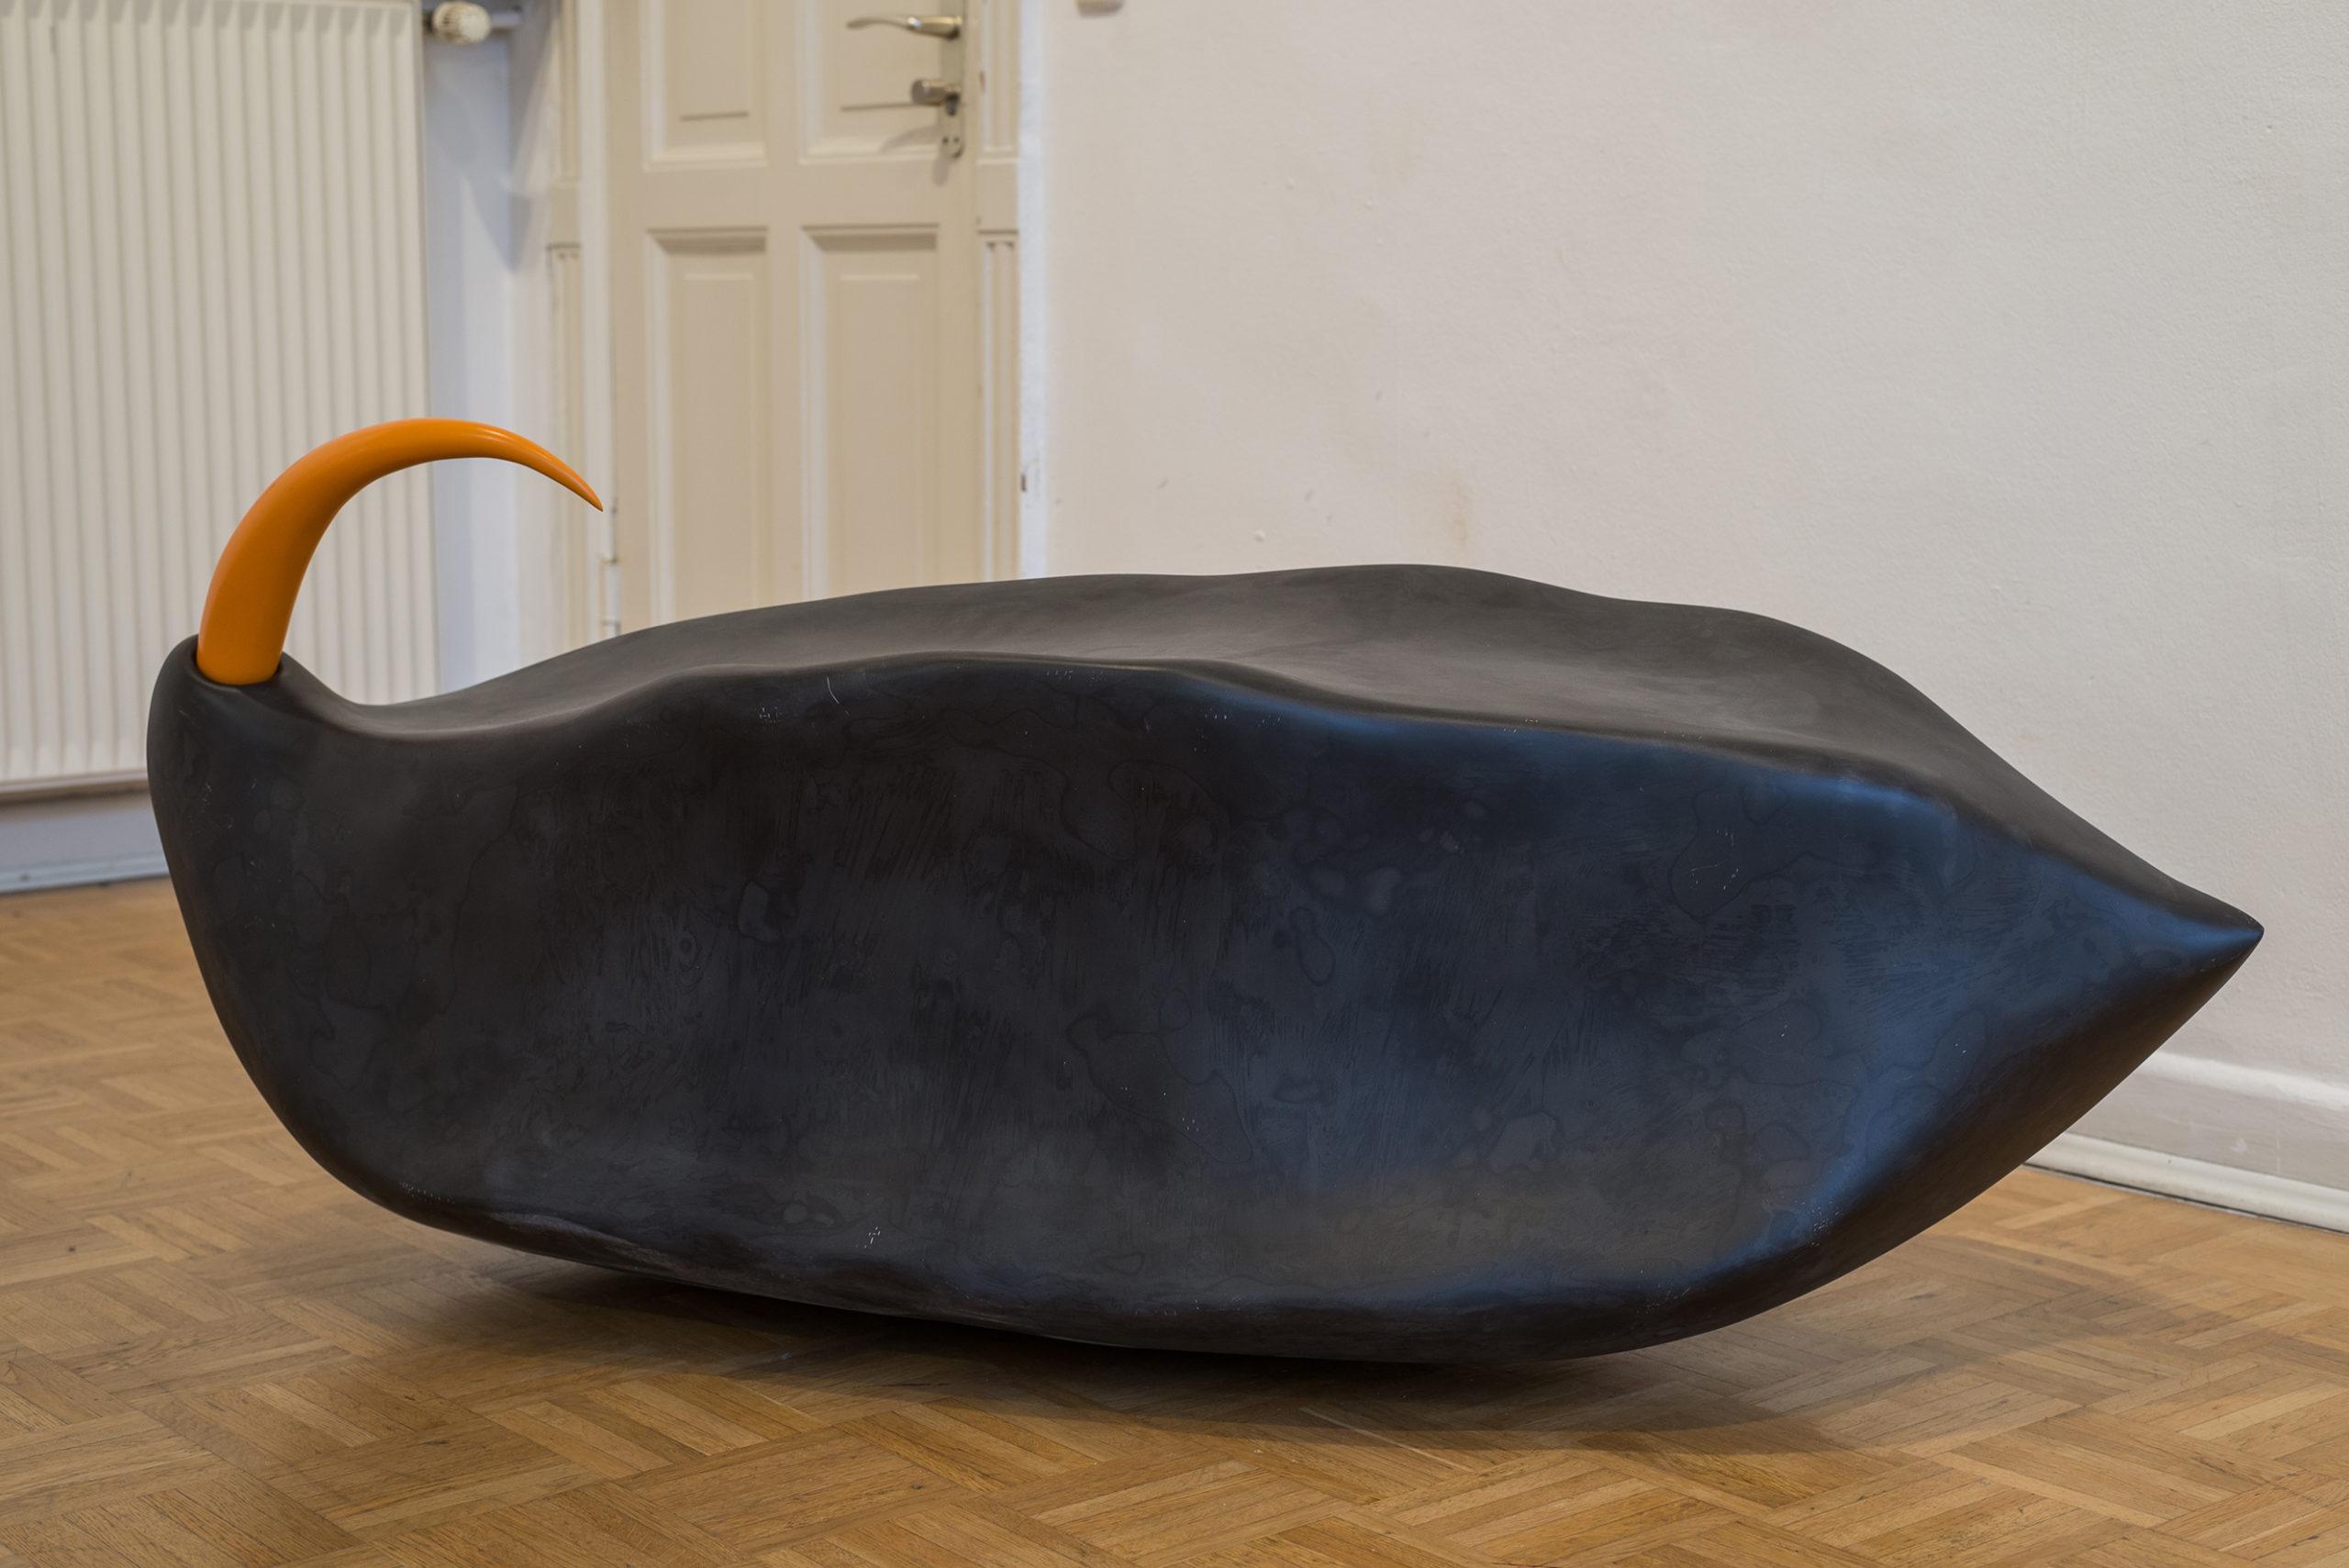 ANNEX, Doppelausstellung von Paul Schuseil und Stefan Seelge, Ausstellungsansicht Kunstverein Bellevue-Saal Wiesbaden März 2020(Foto: Dirk Uebele)